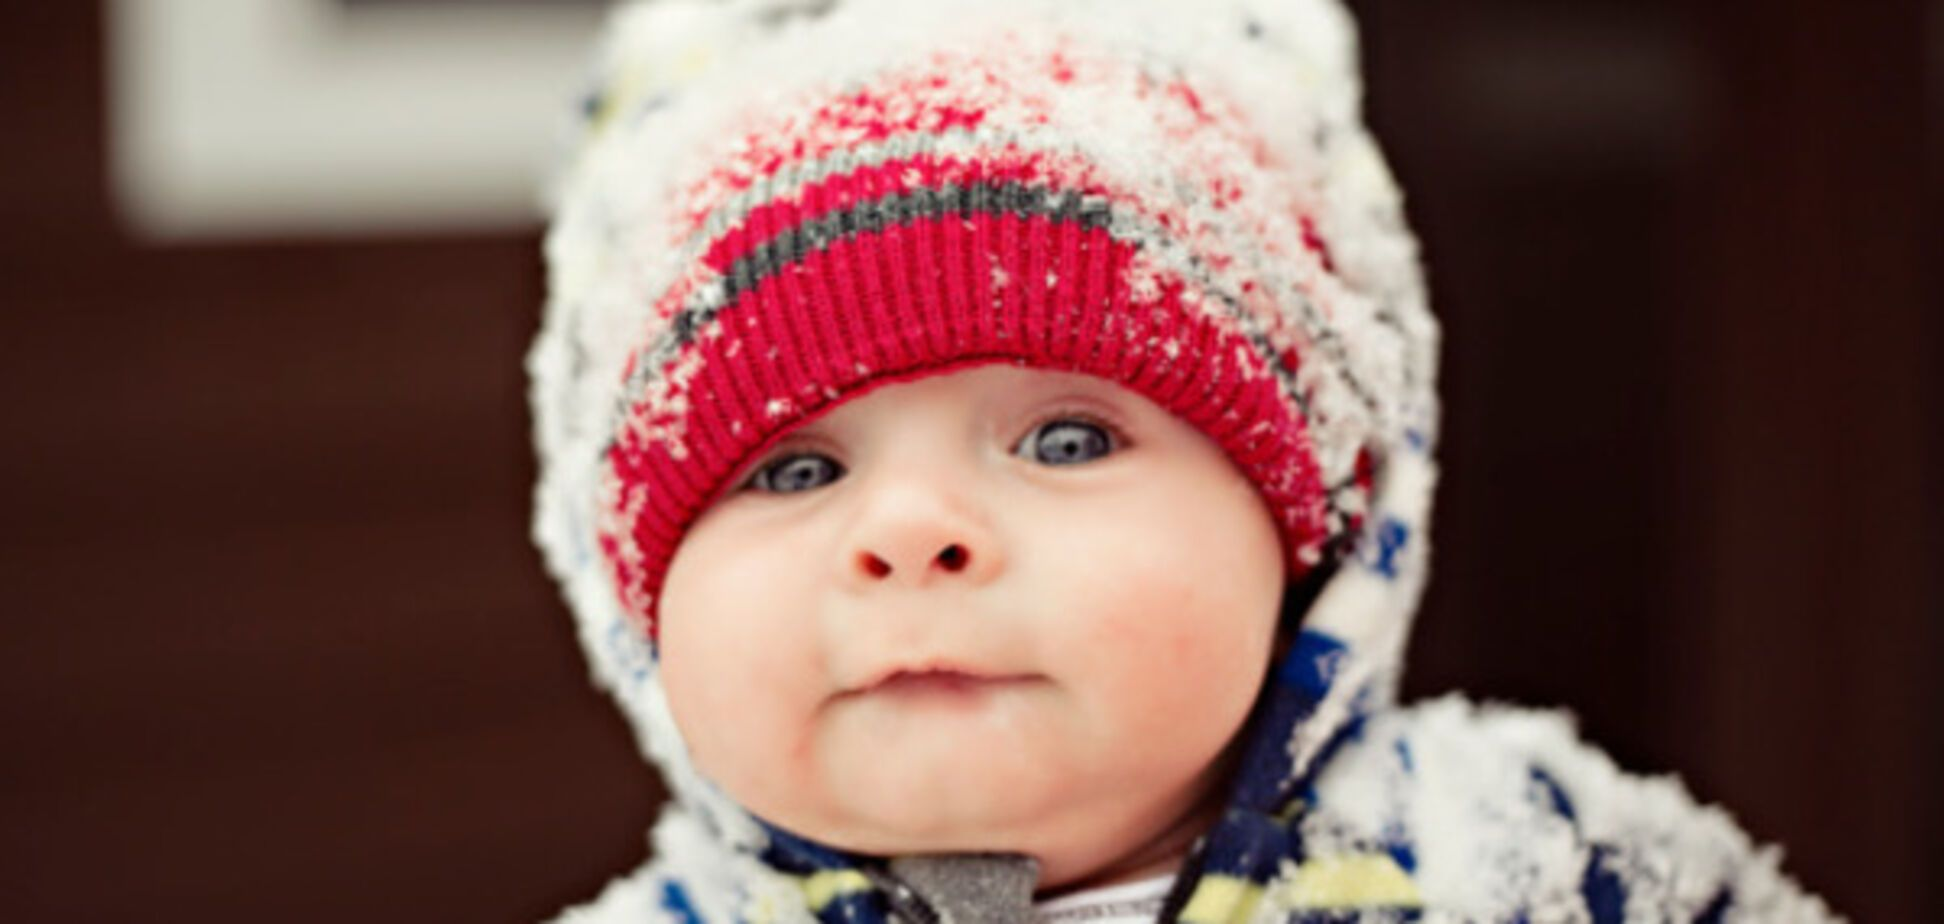 Як захистити шкіру дитини від морозів: 5 порад від дерматолога